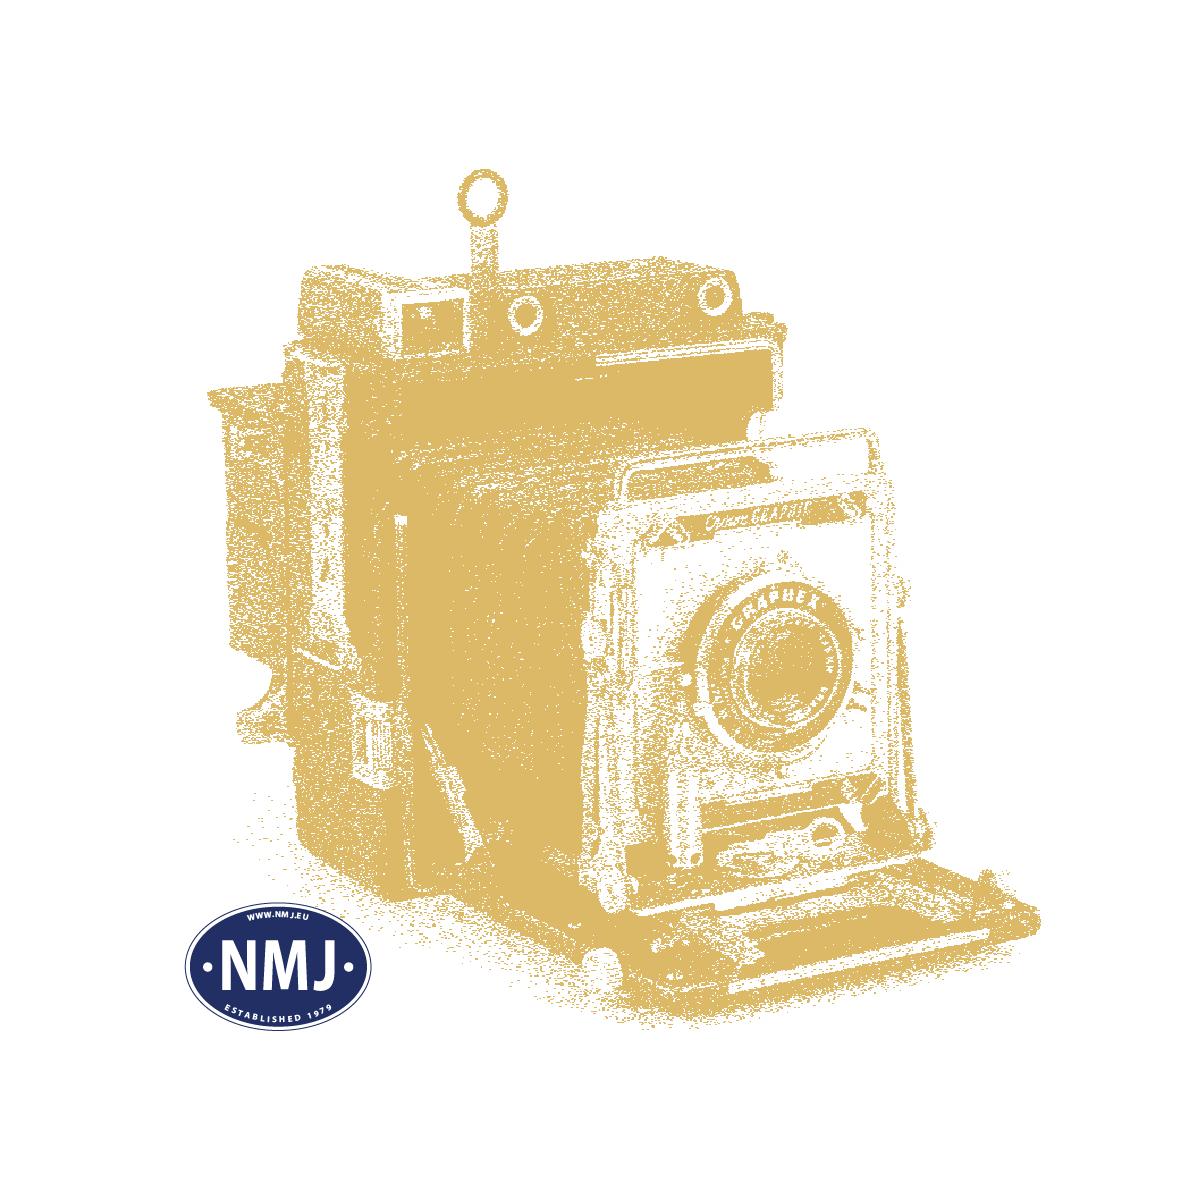 NMJSHf38447 - NMJ Superline NSB Kjølevogn Hf3 8447